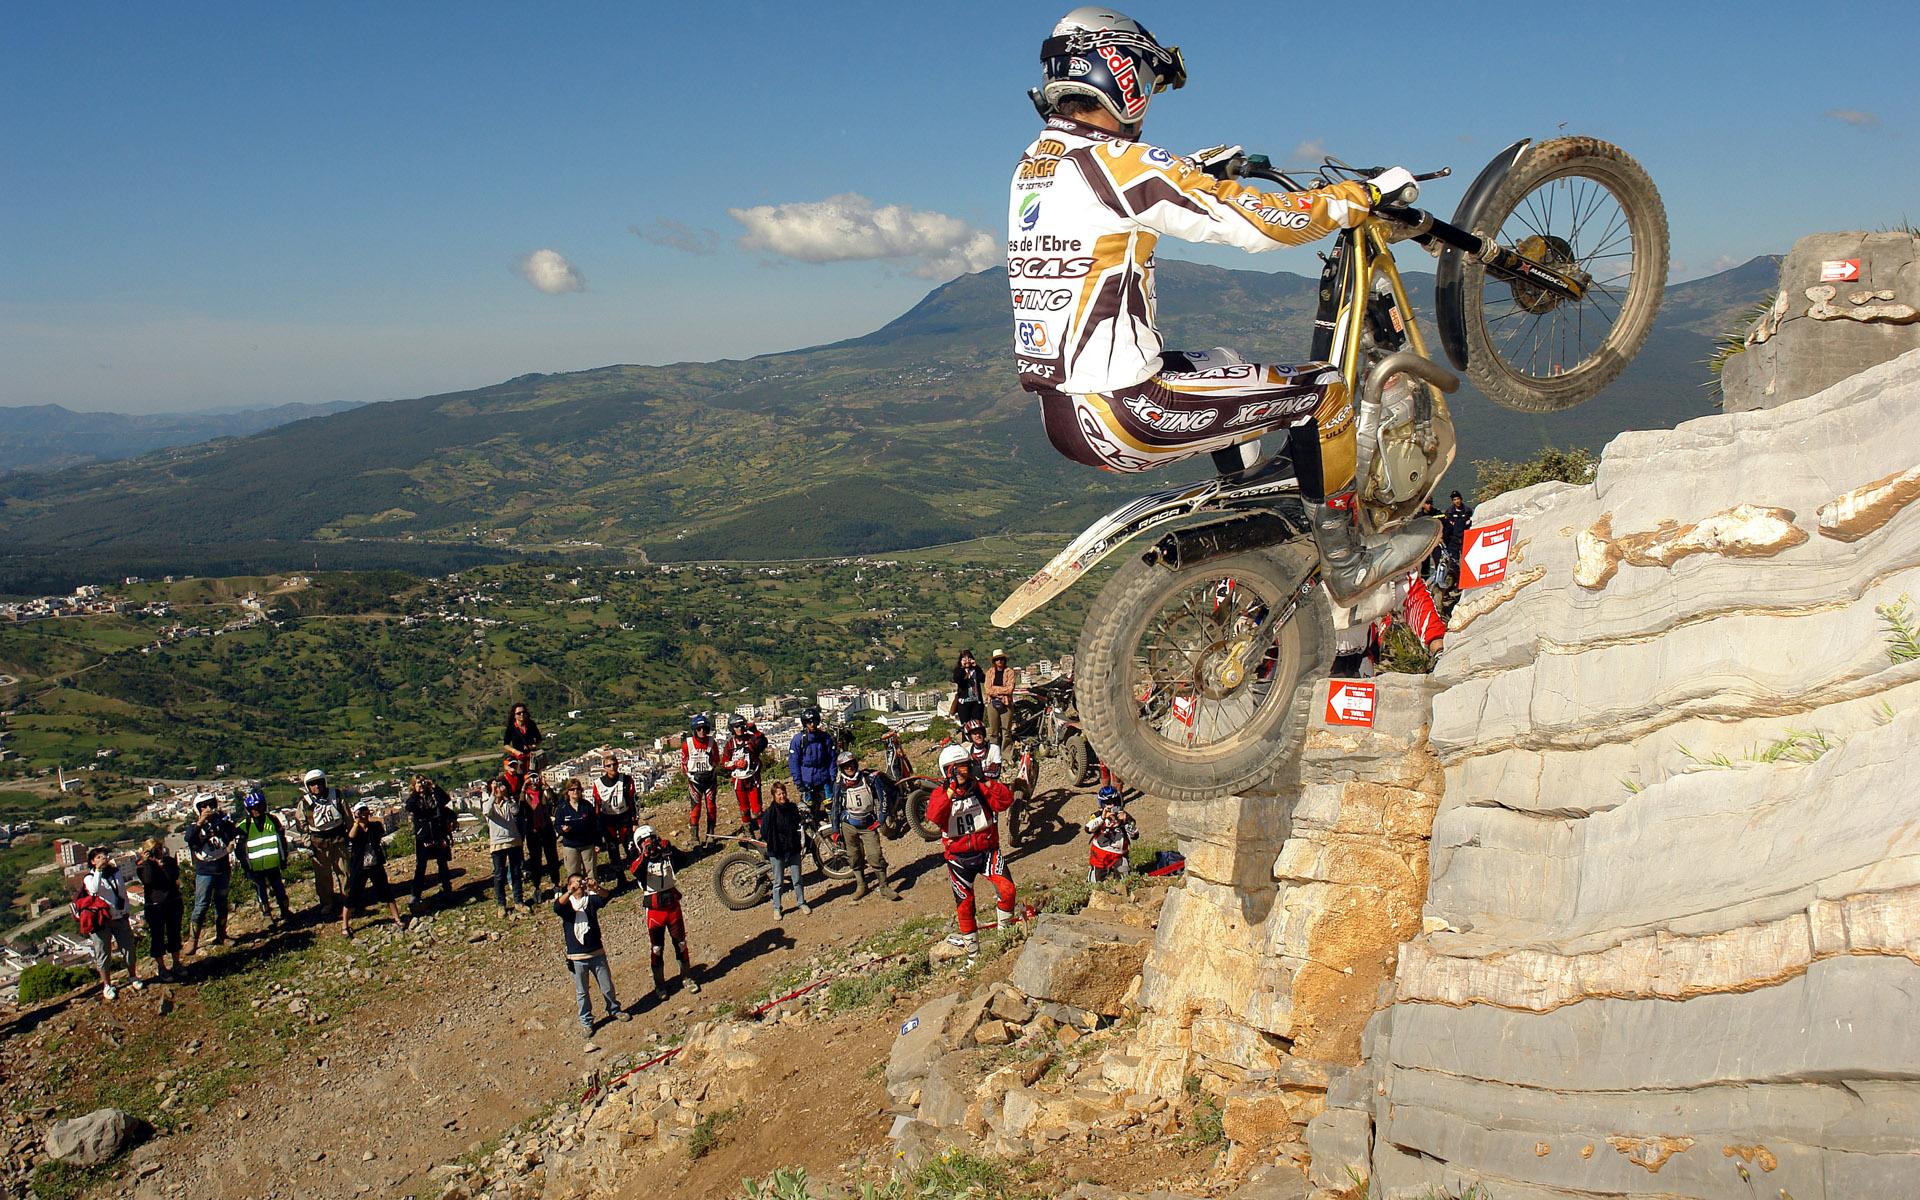 Saltos en motos - 1920x1200